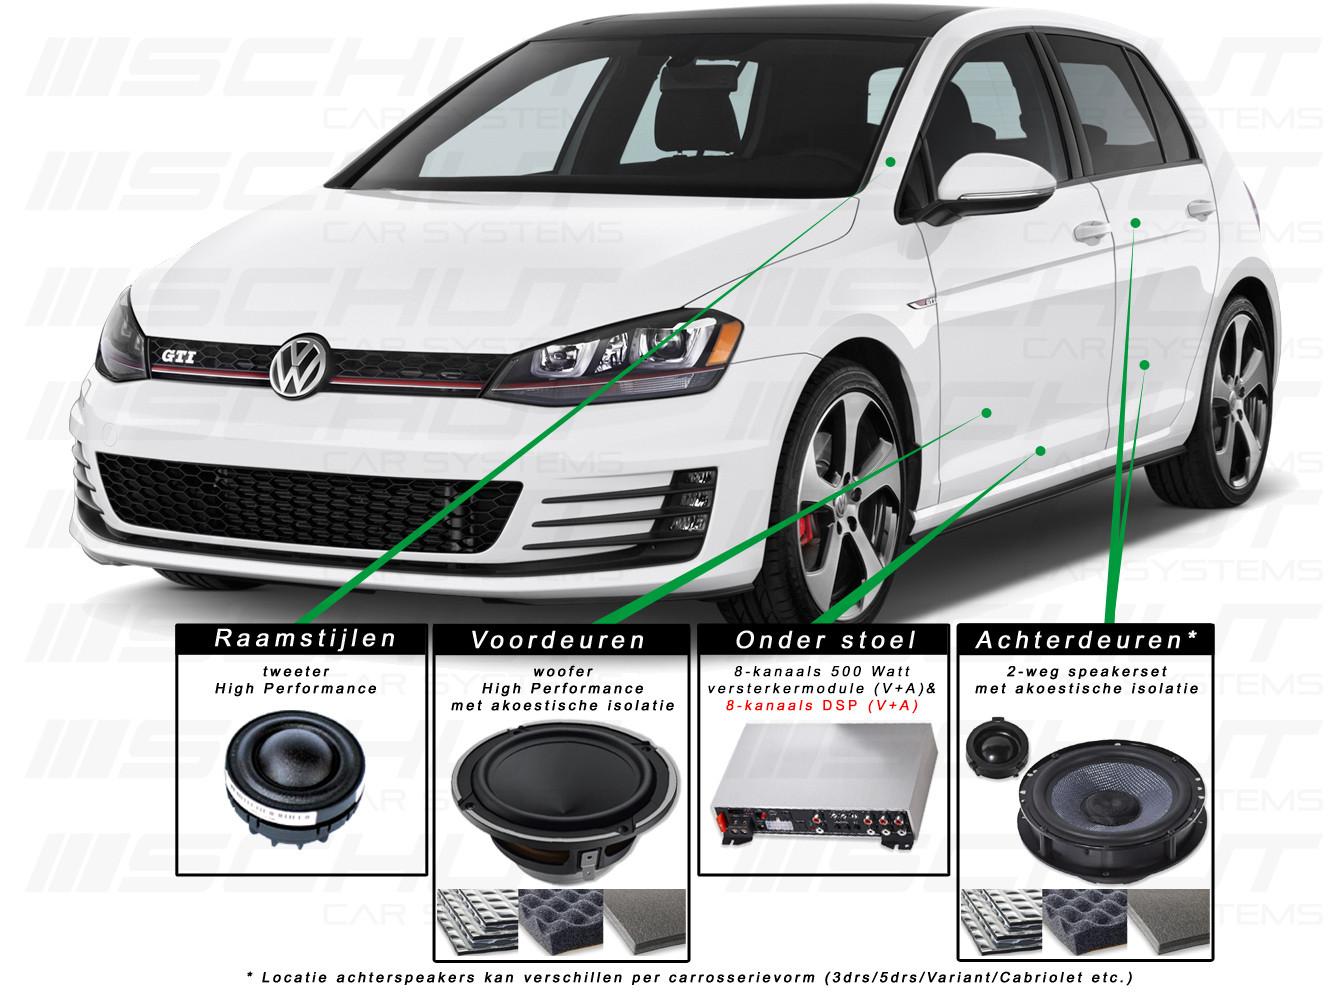 vw golf 7 audio upgrade meer dan alleen een speaker upgrade. Black Bedroom Furniture Sets. Home Design Ideas